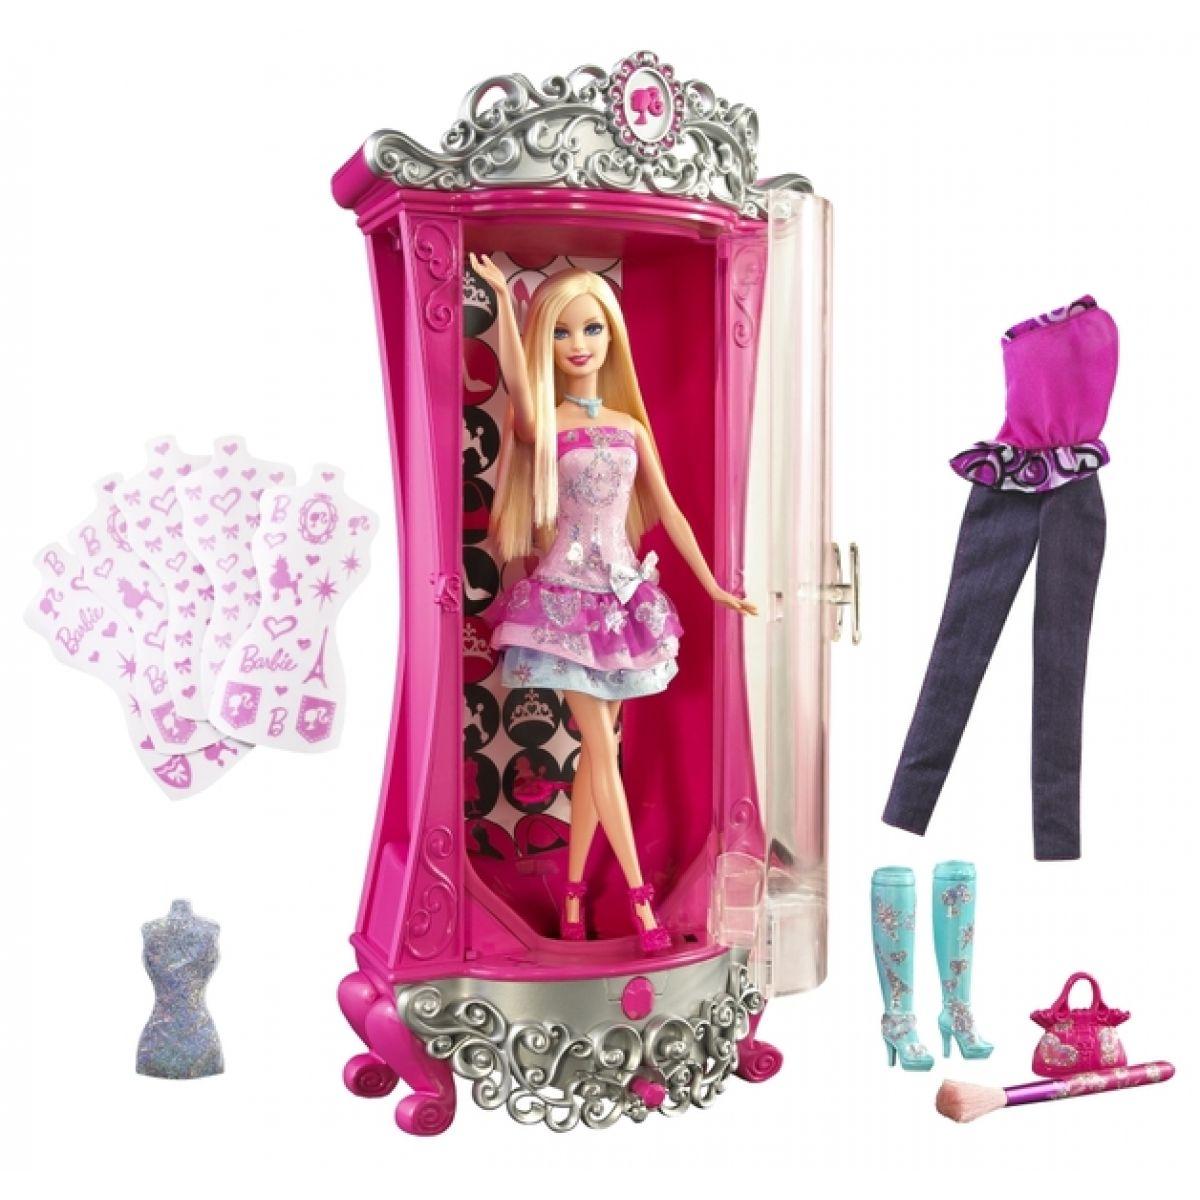 MATTEL V1644 - Barbie Kouzelná šatna s panenkou (Kouzelný módní salón)